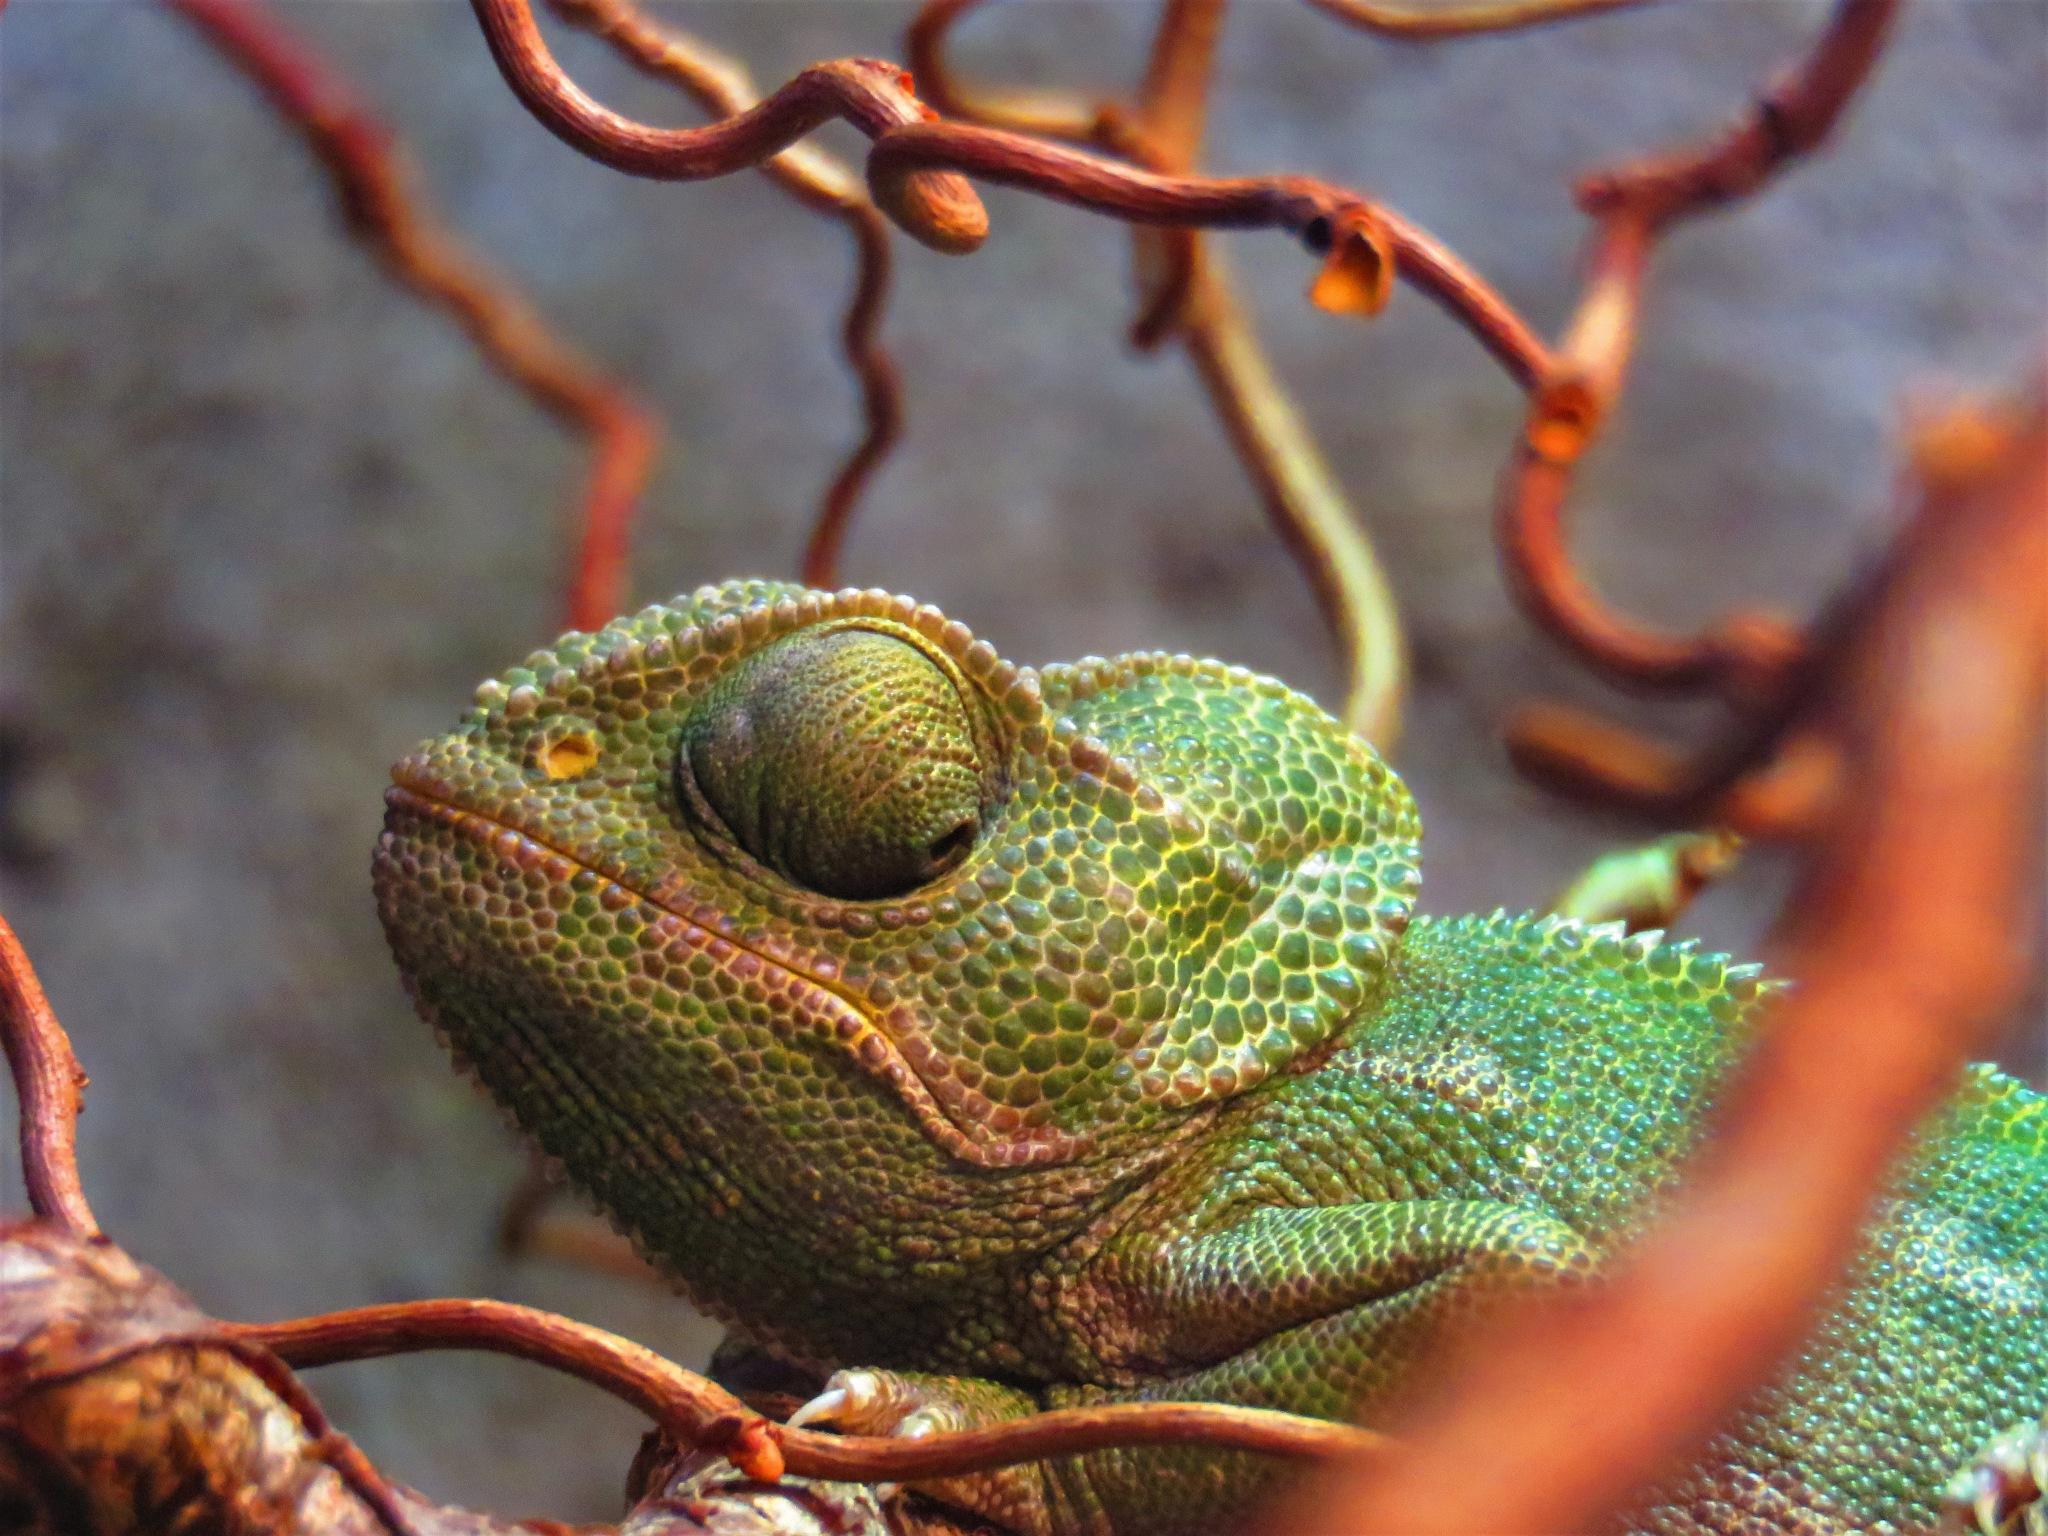 Kameleon by Marianne Krijgsman